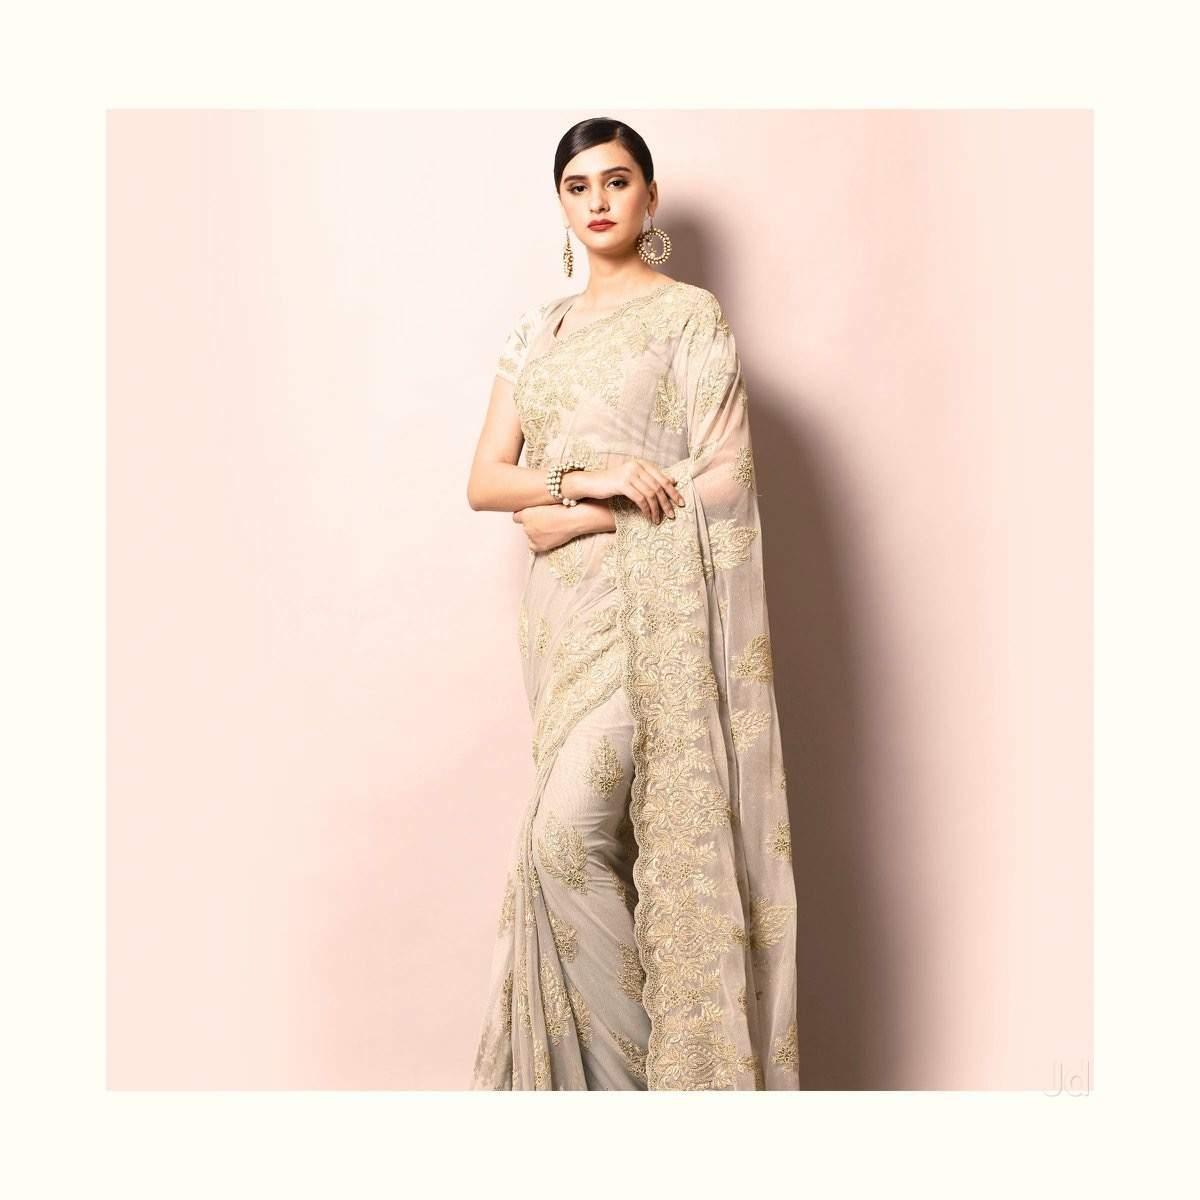 97e44b9f53 Top 100 Fancy Saree Wholesalers in Kolkata - Best Saree Fancy ...